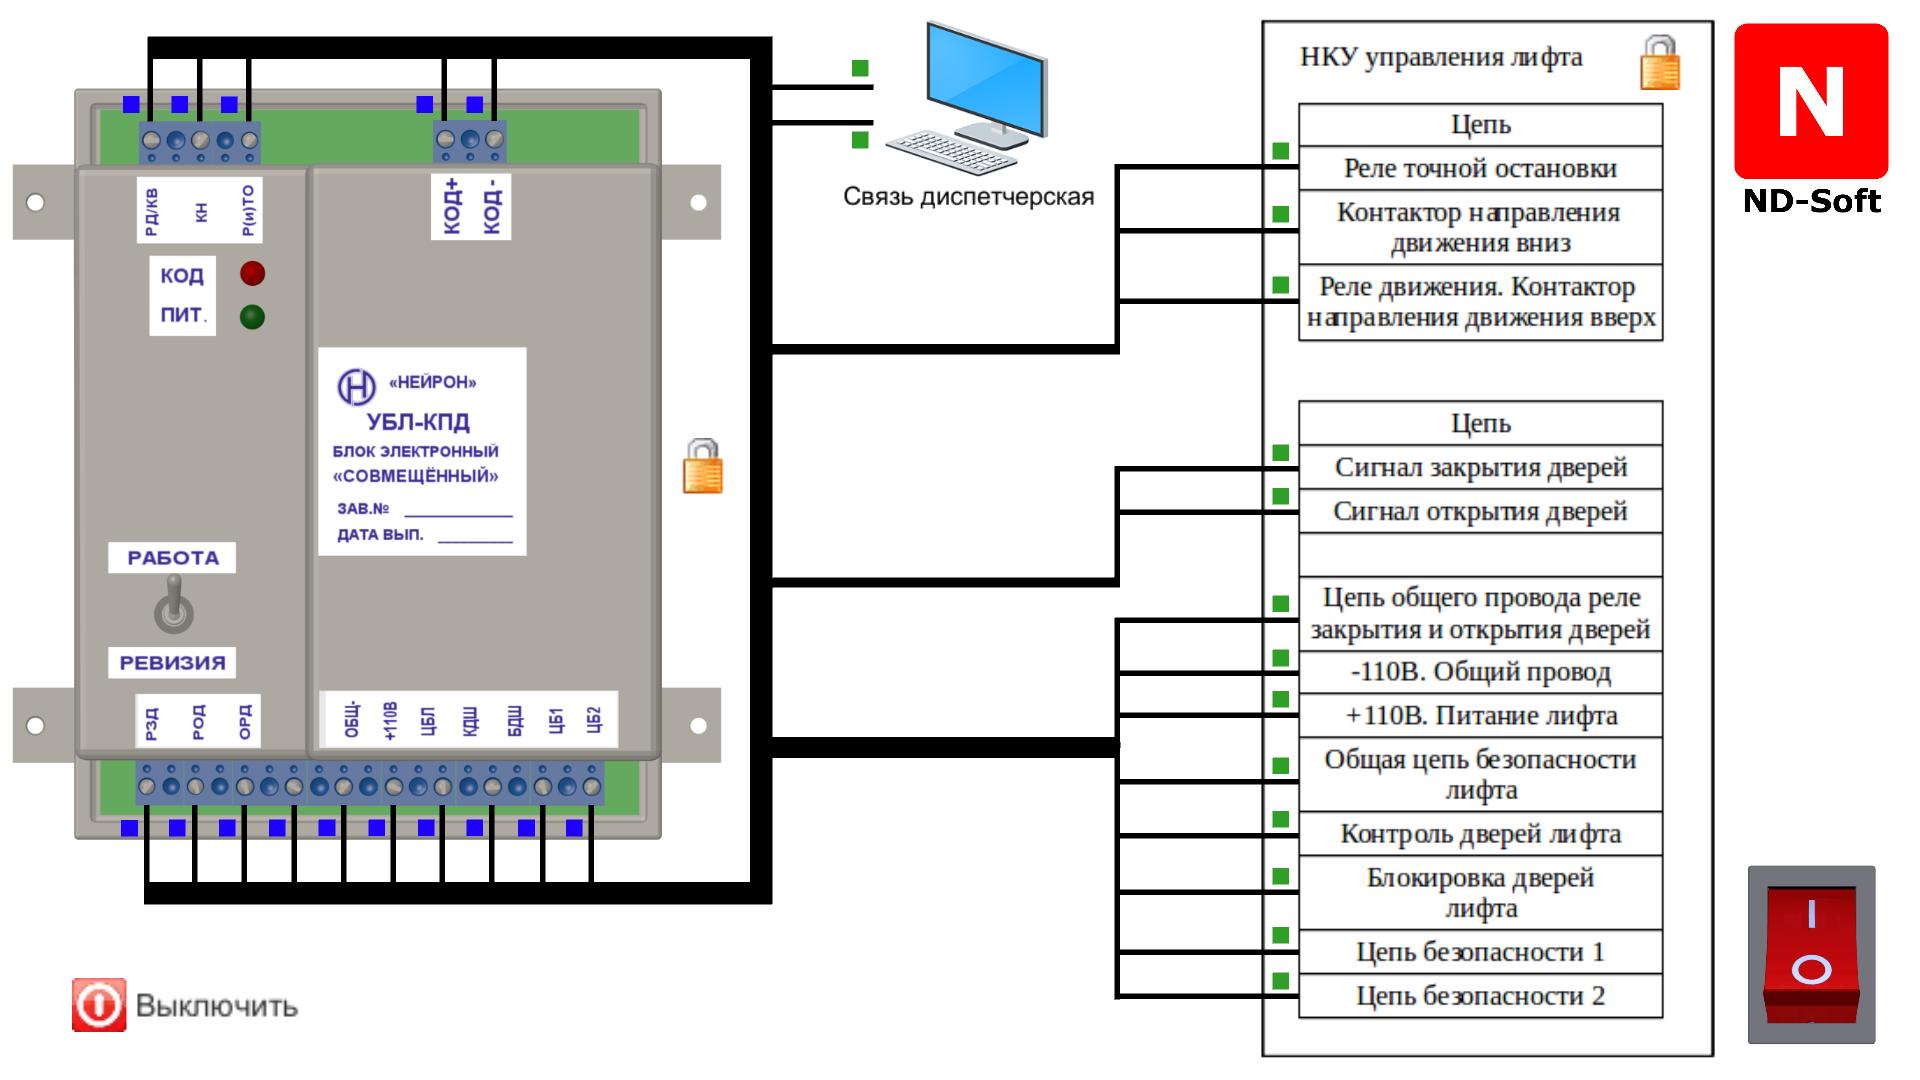 Симулятор устройства УБЛ-КПД Совмещенный